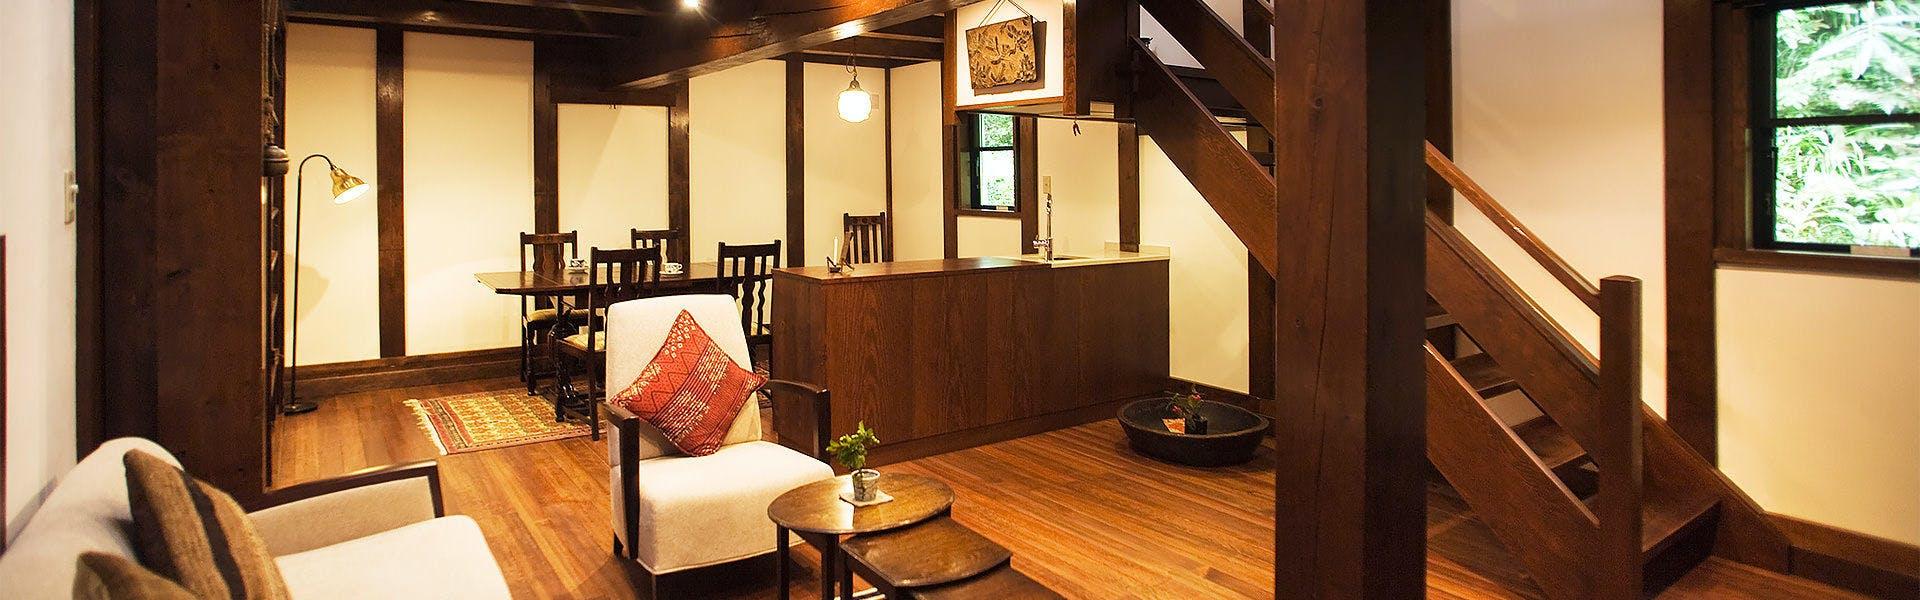 記念日におすすめのホテル・深谷温泉 元湯石屋の写真2